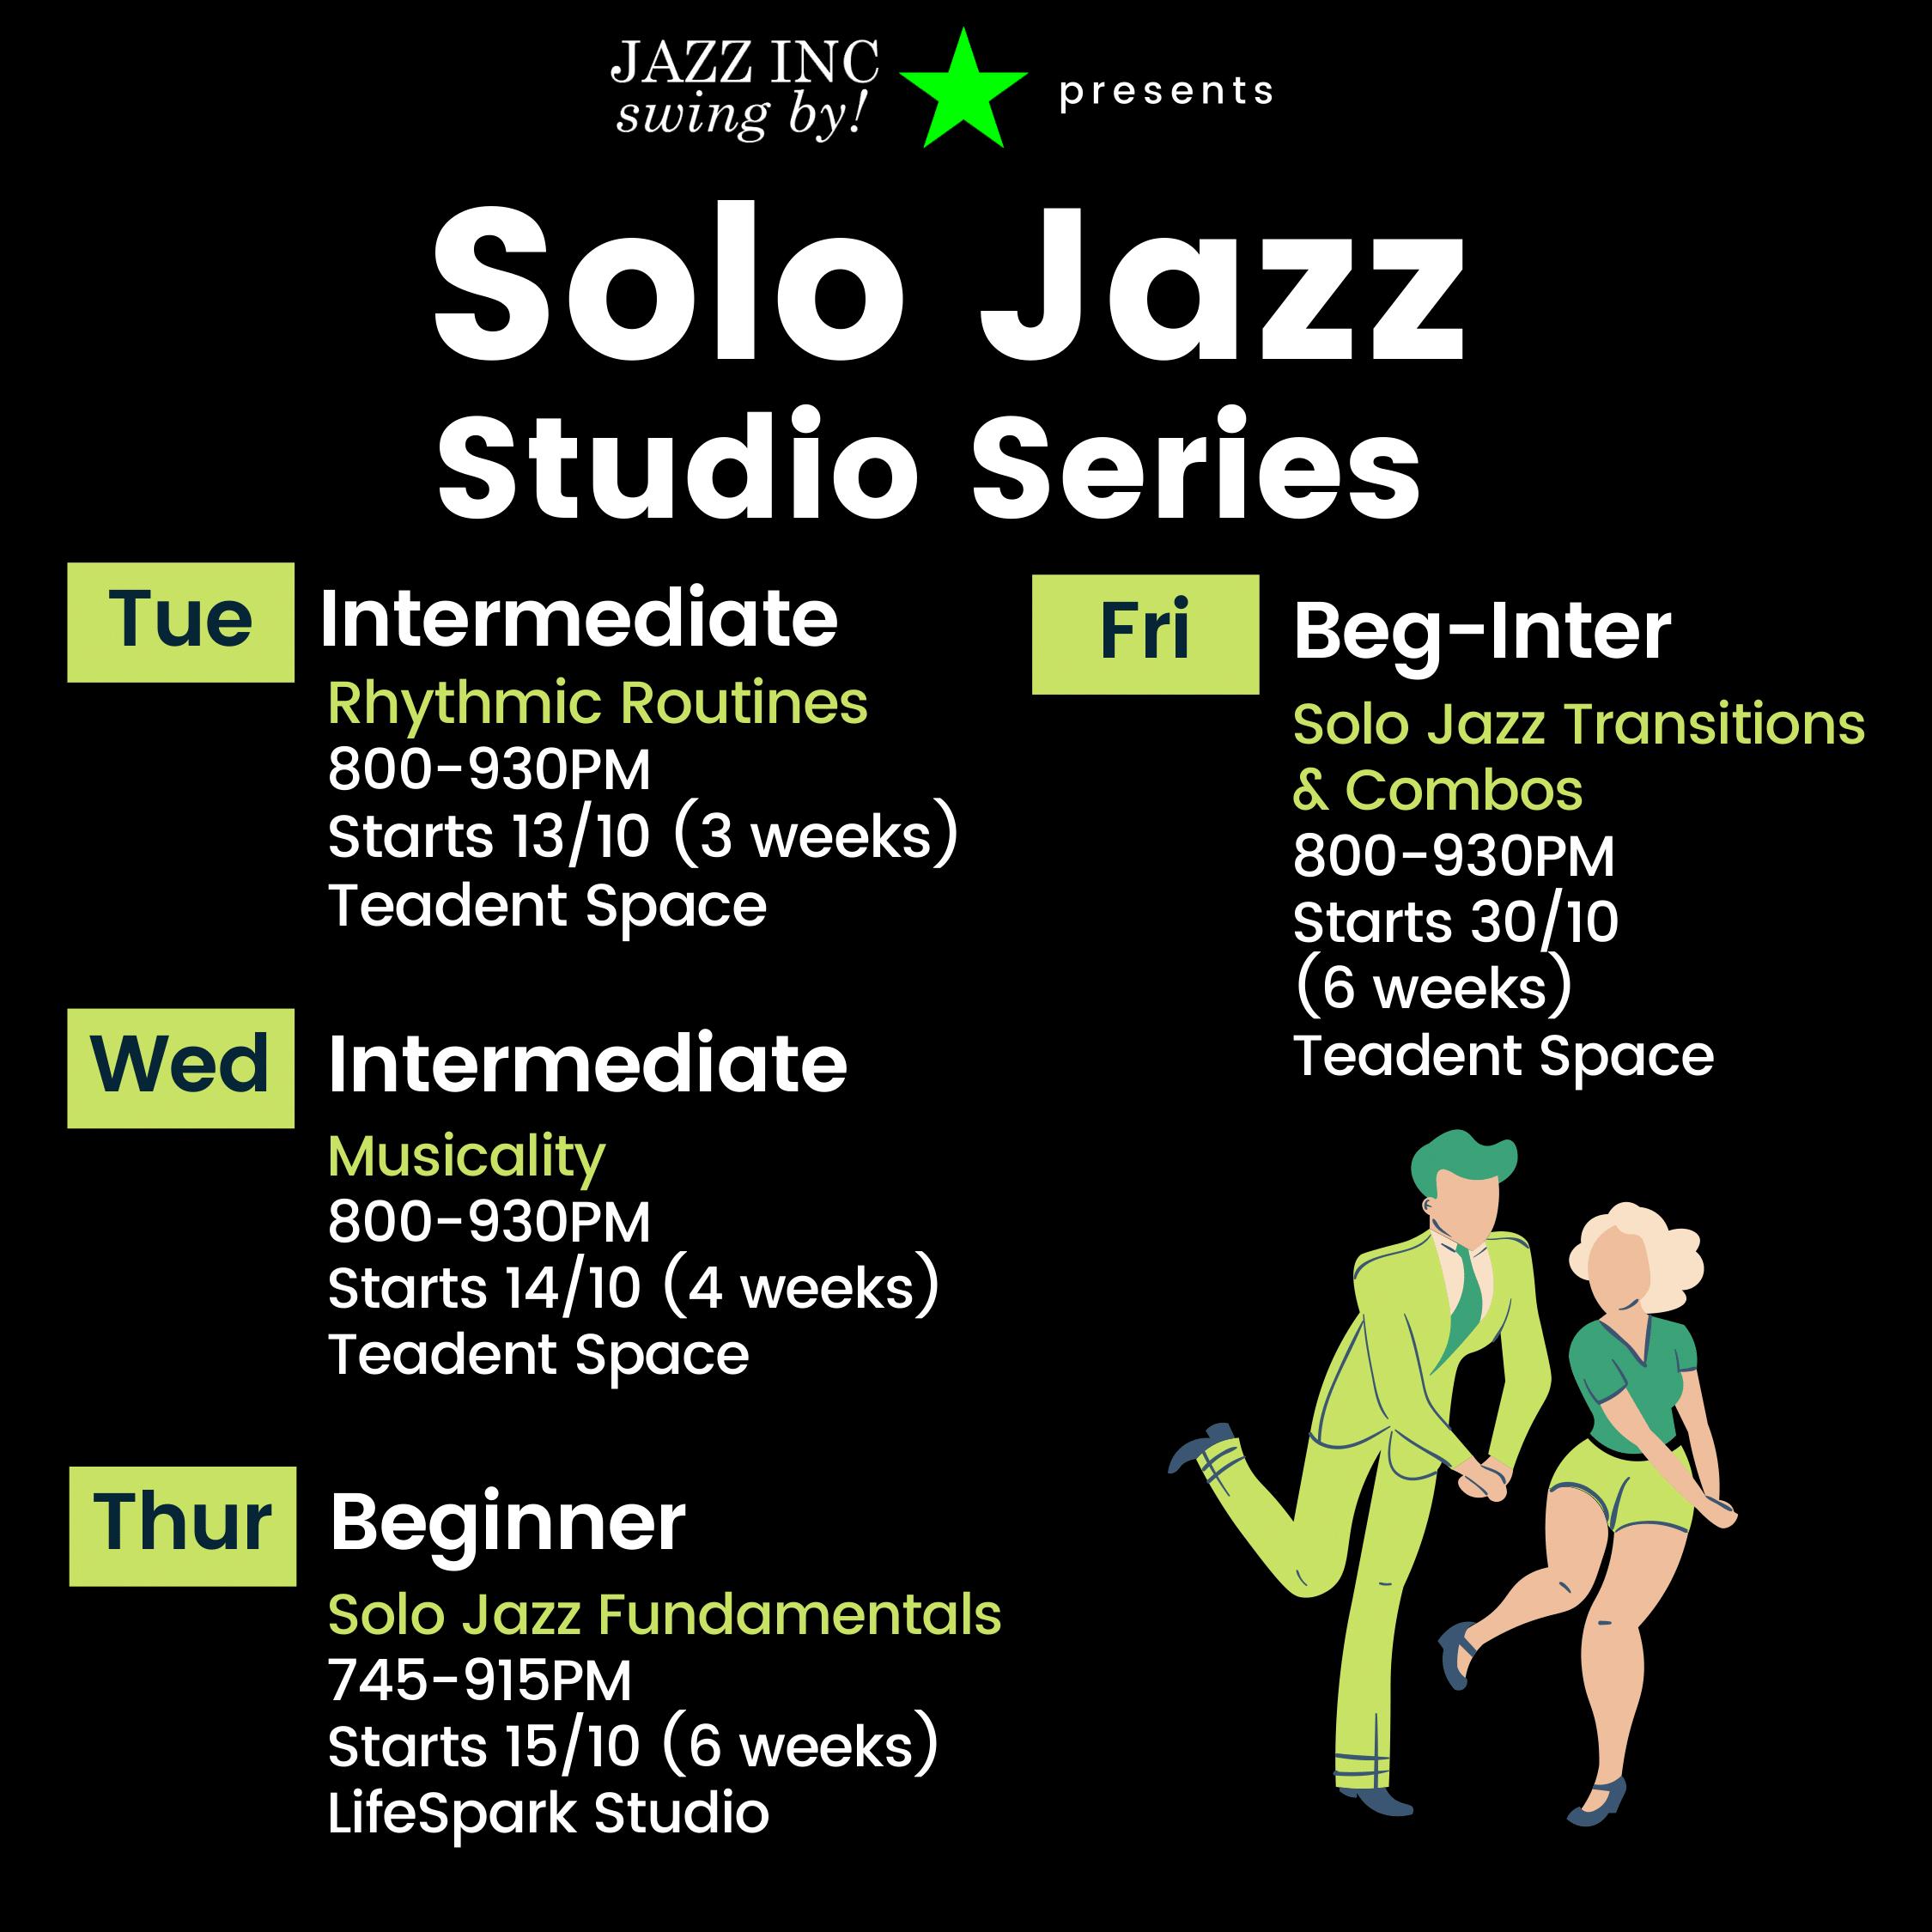 solo-jazz-studio-series-5-1